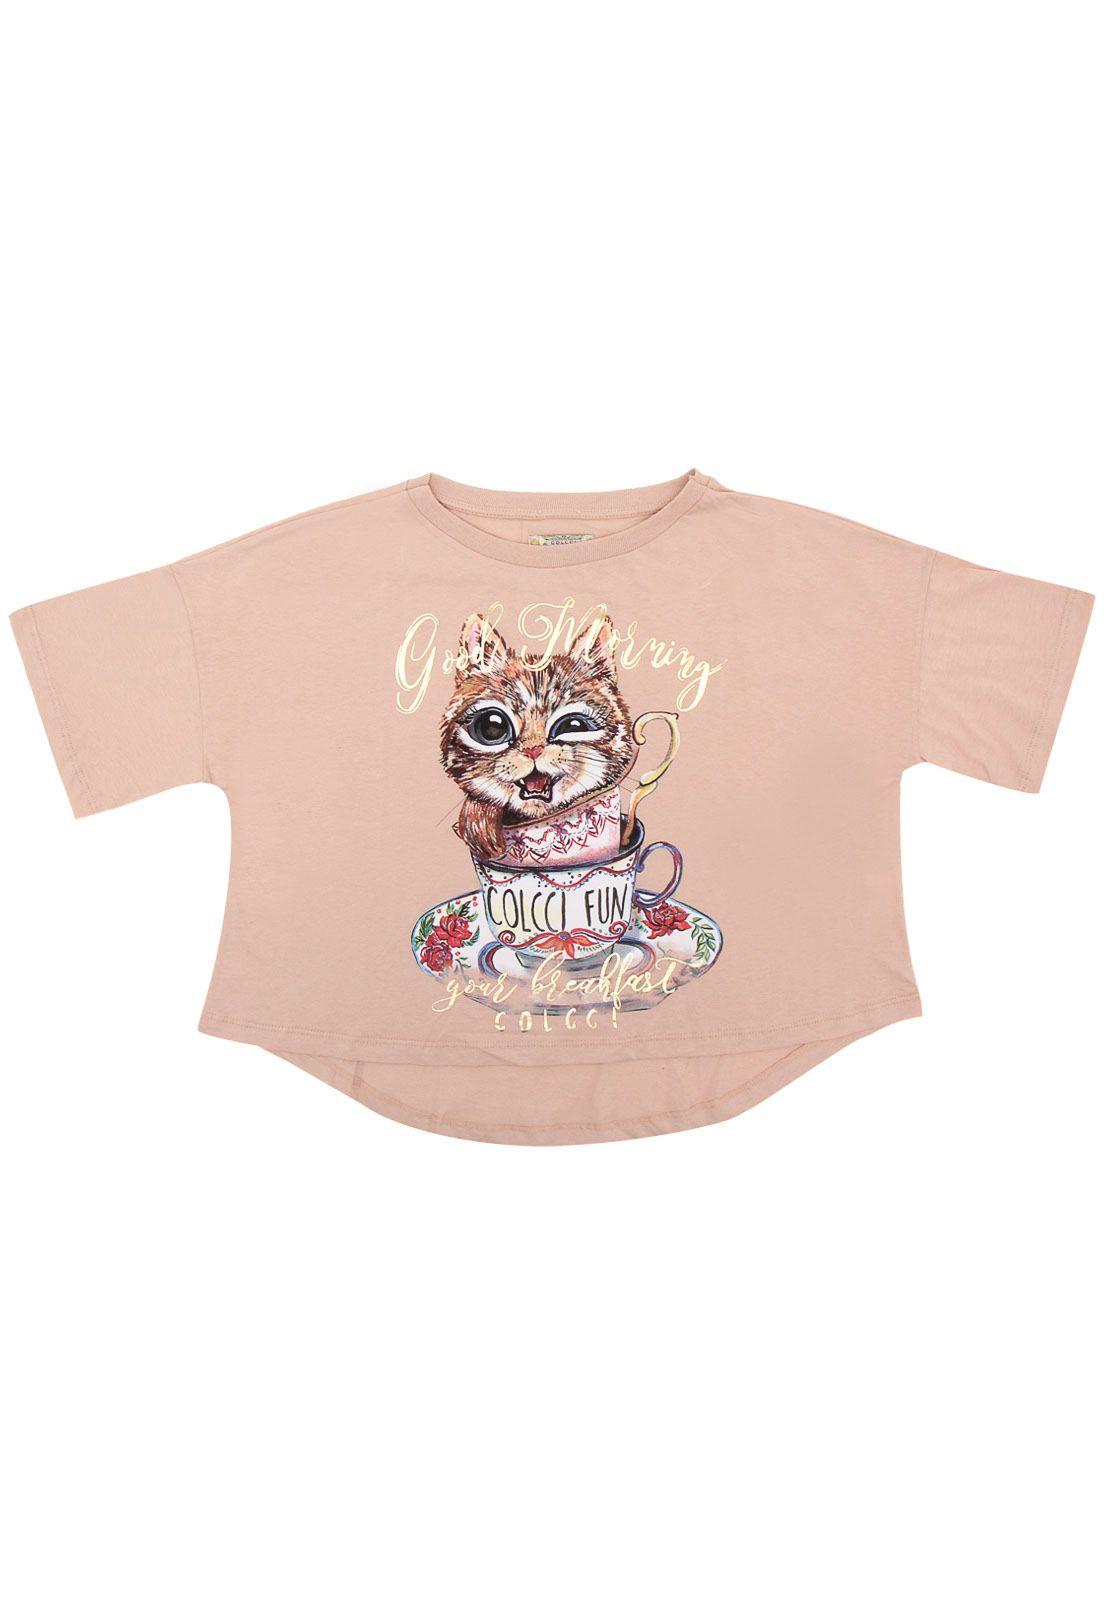 54d927c9f Camiseta Colcci Fun Manga Curta Menina Rosa   Products   Clothes ...